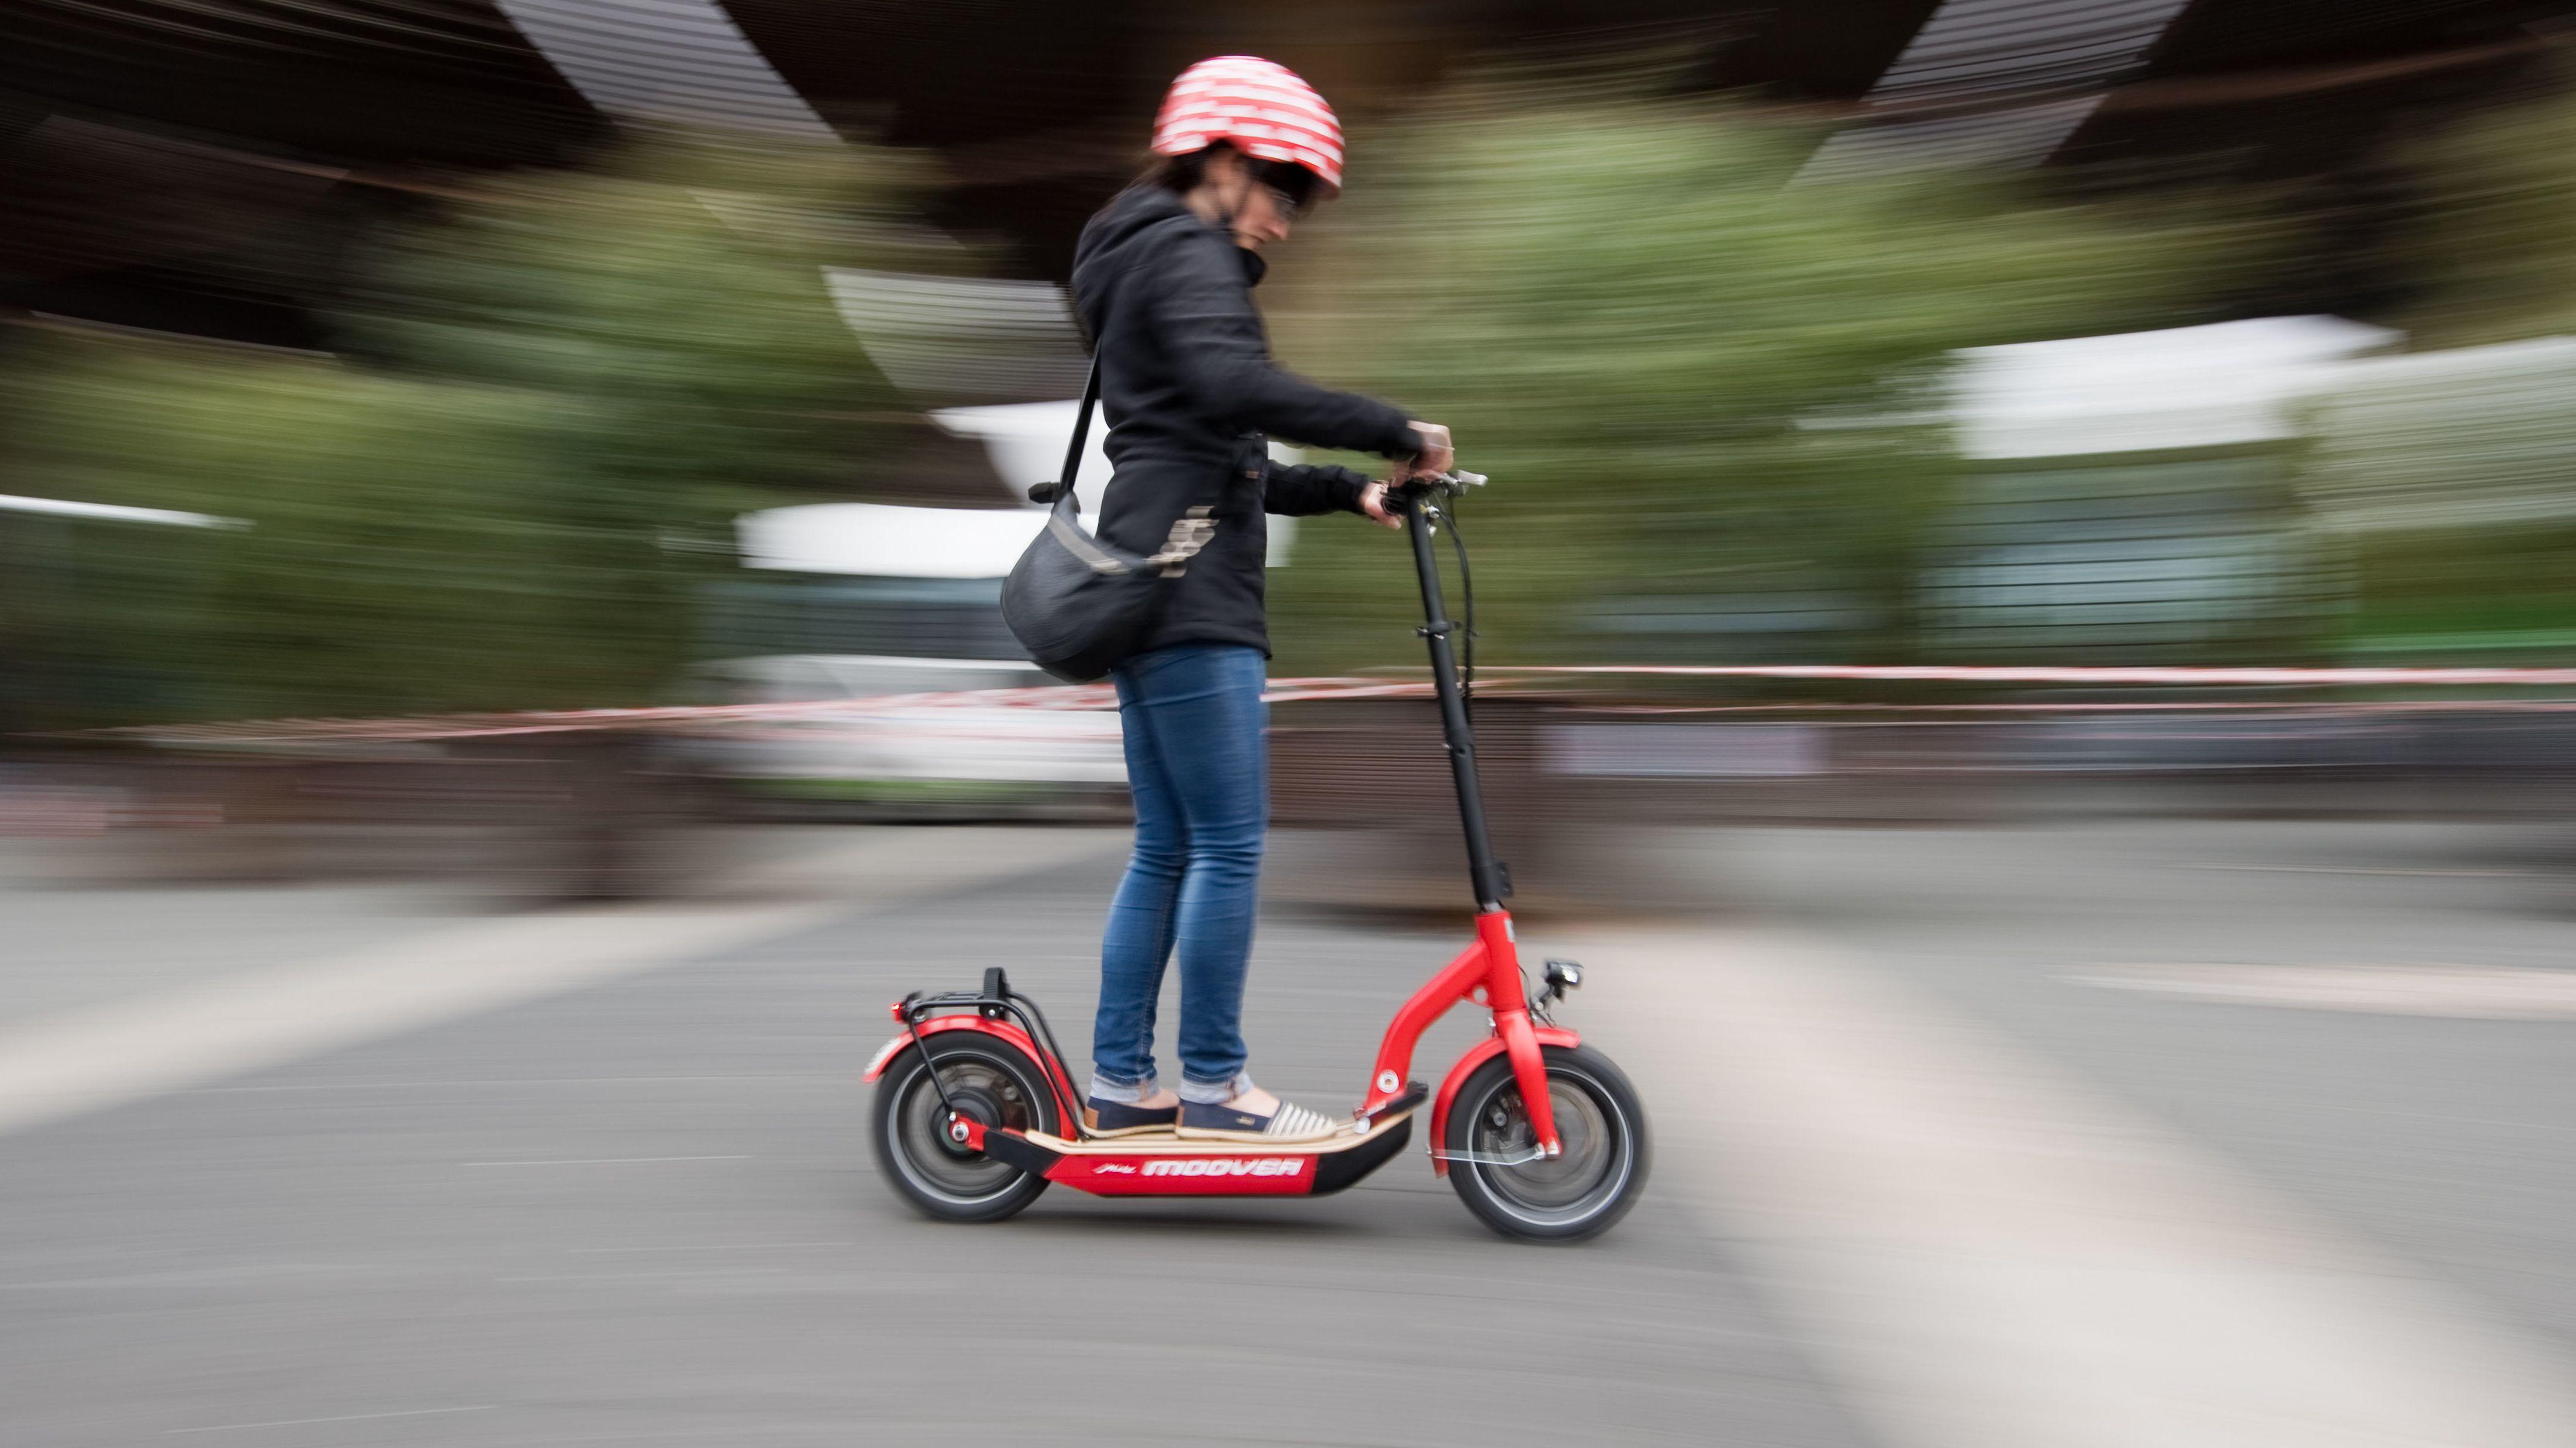 Eine Frau fährt mit einem E-Scooter